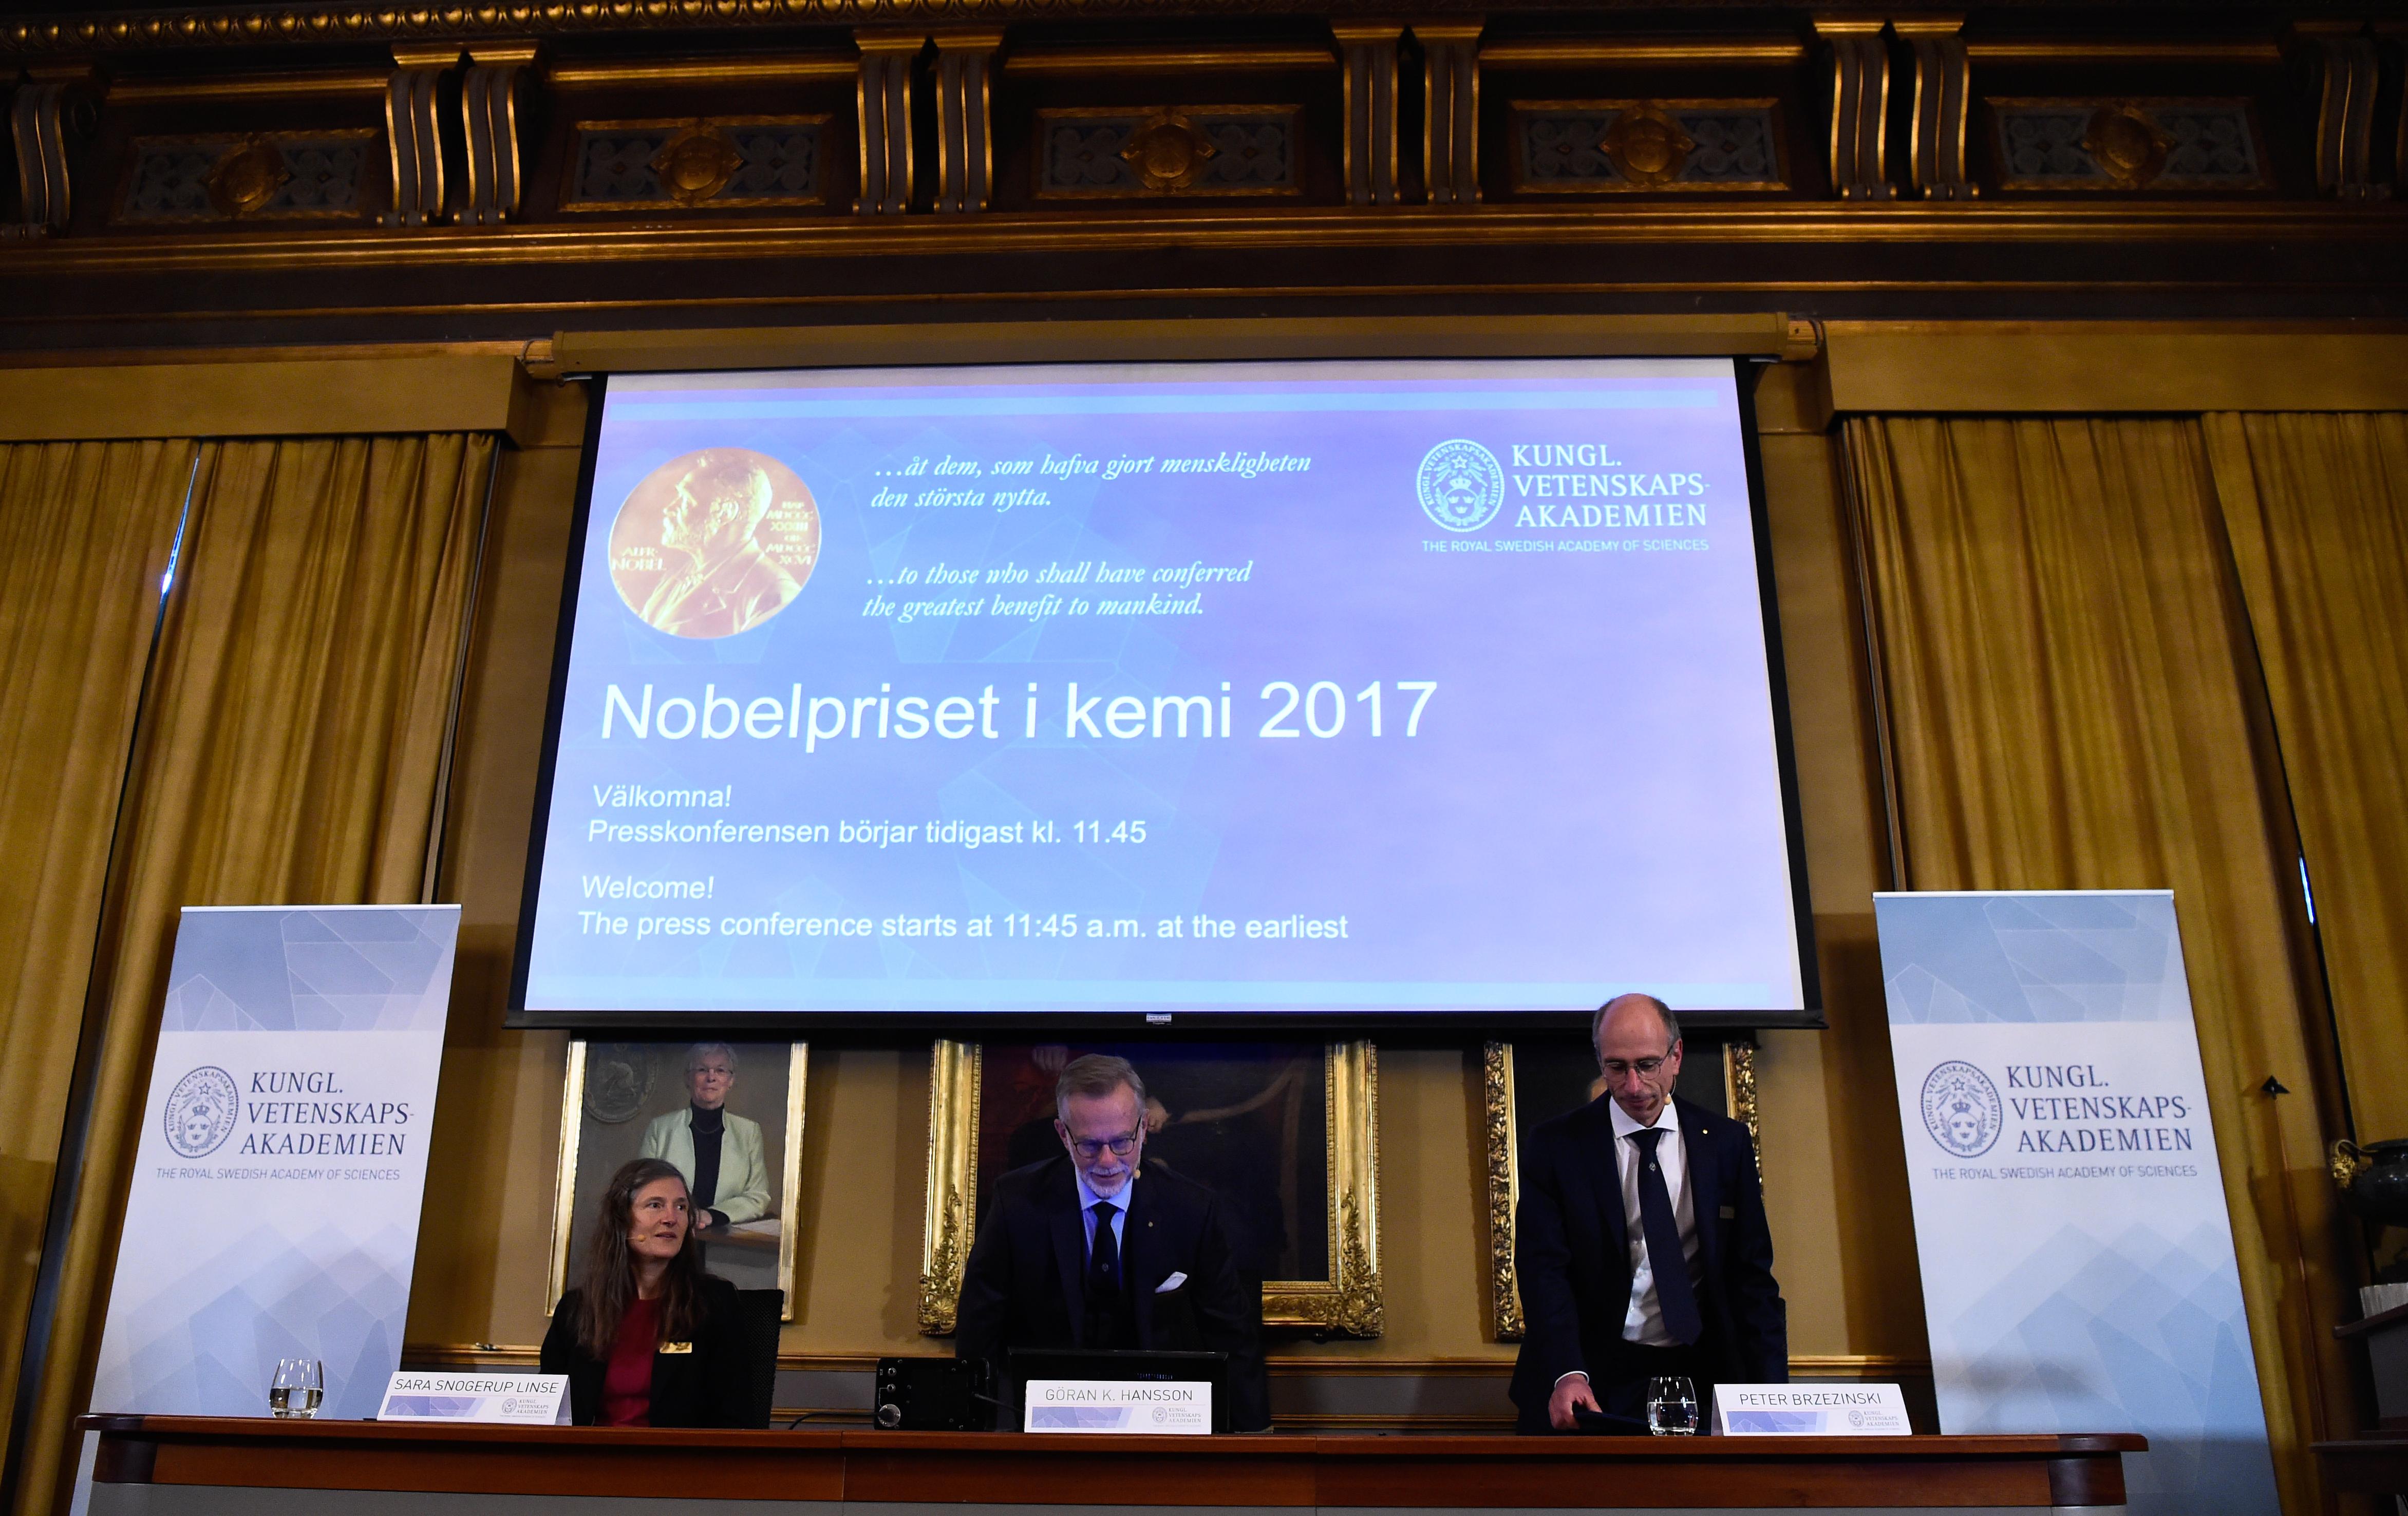 Átadták a kémiai Nobel-díjat